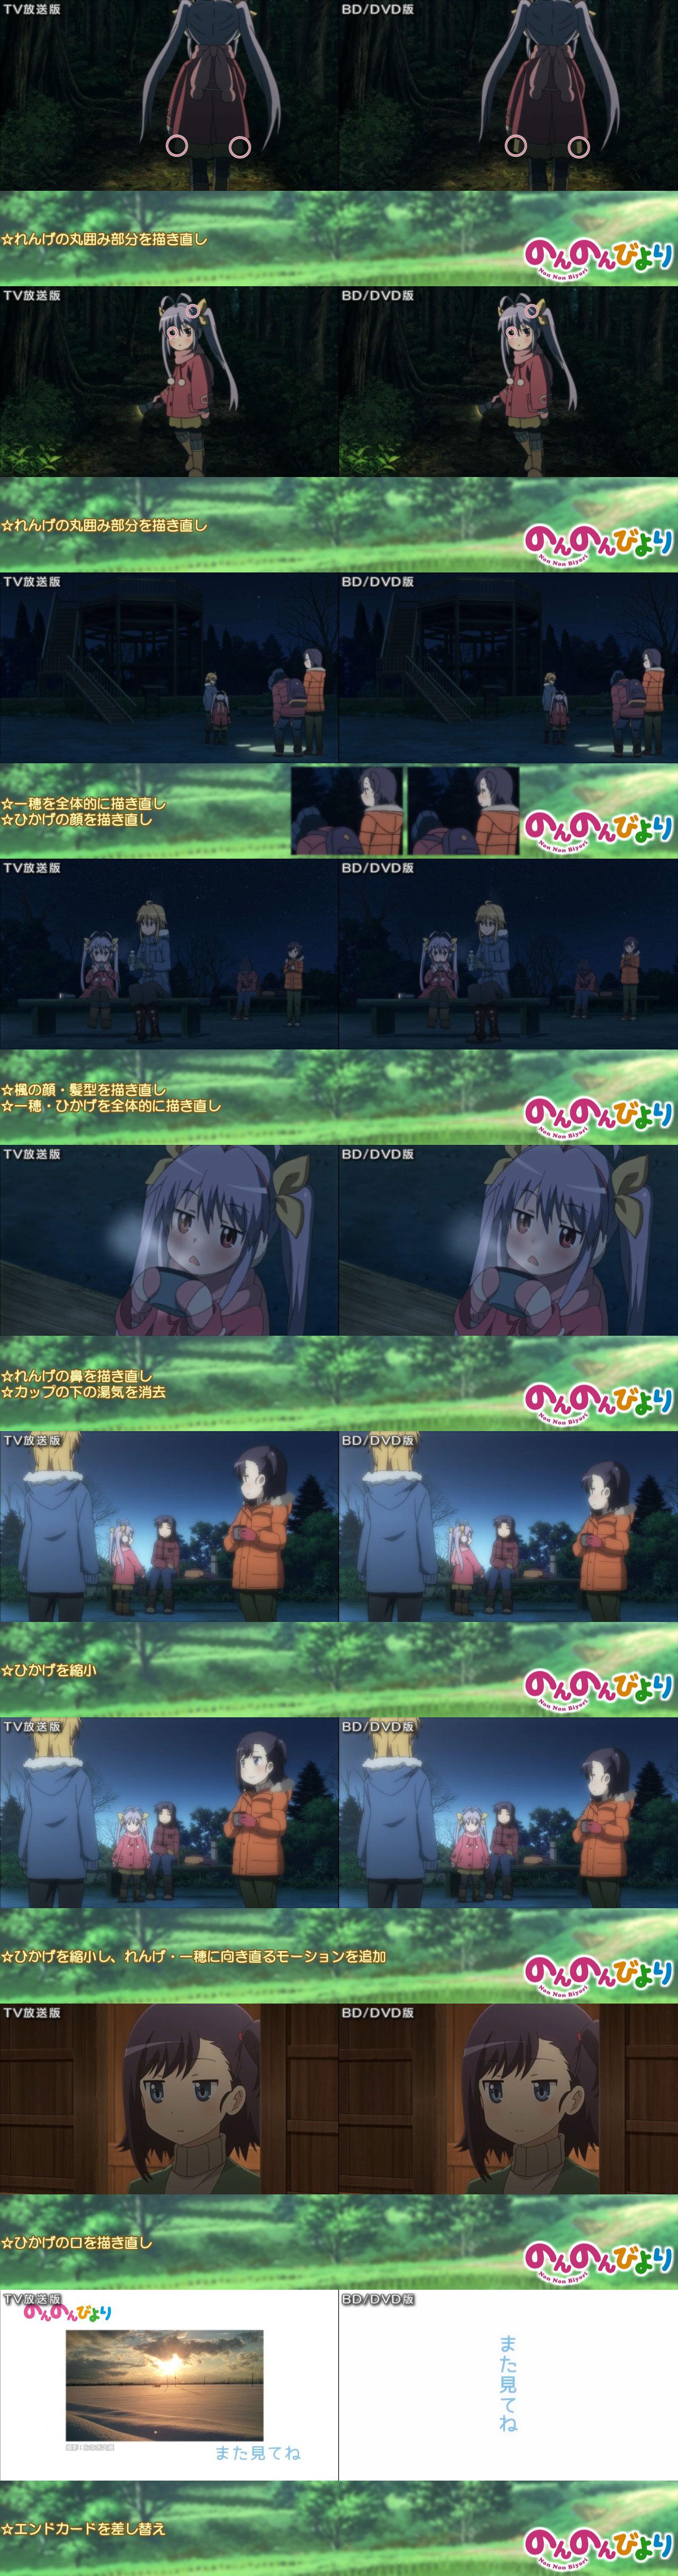 TV vs Blu Ray Non Non Biyori Comparison 11